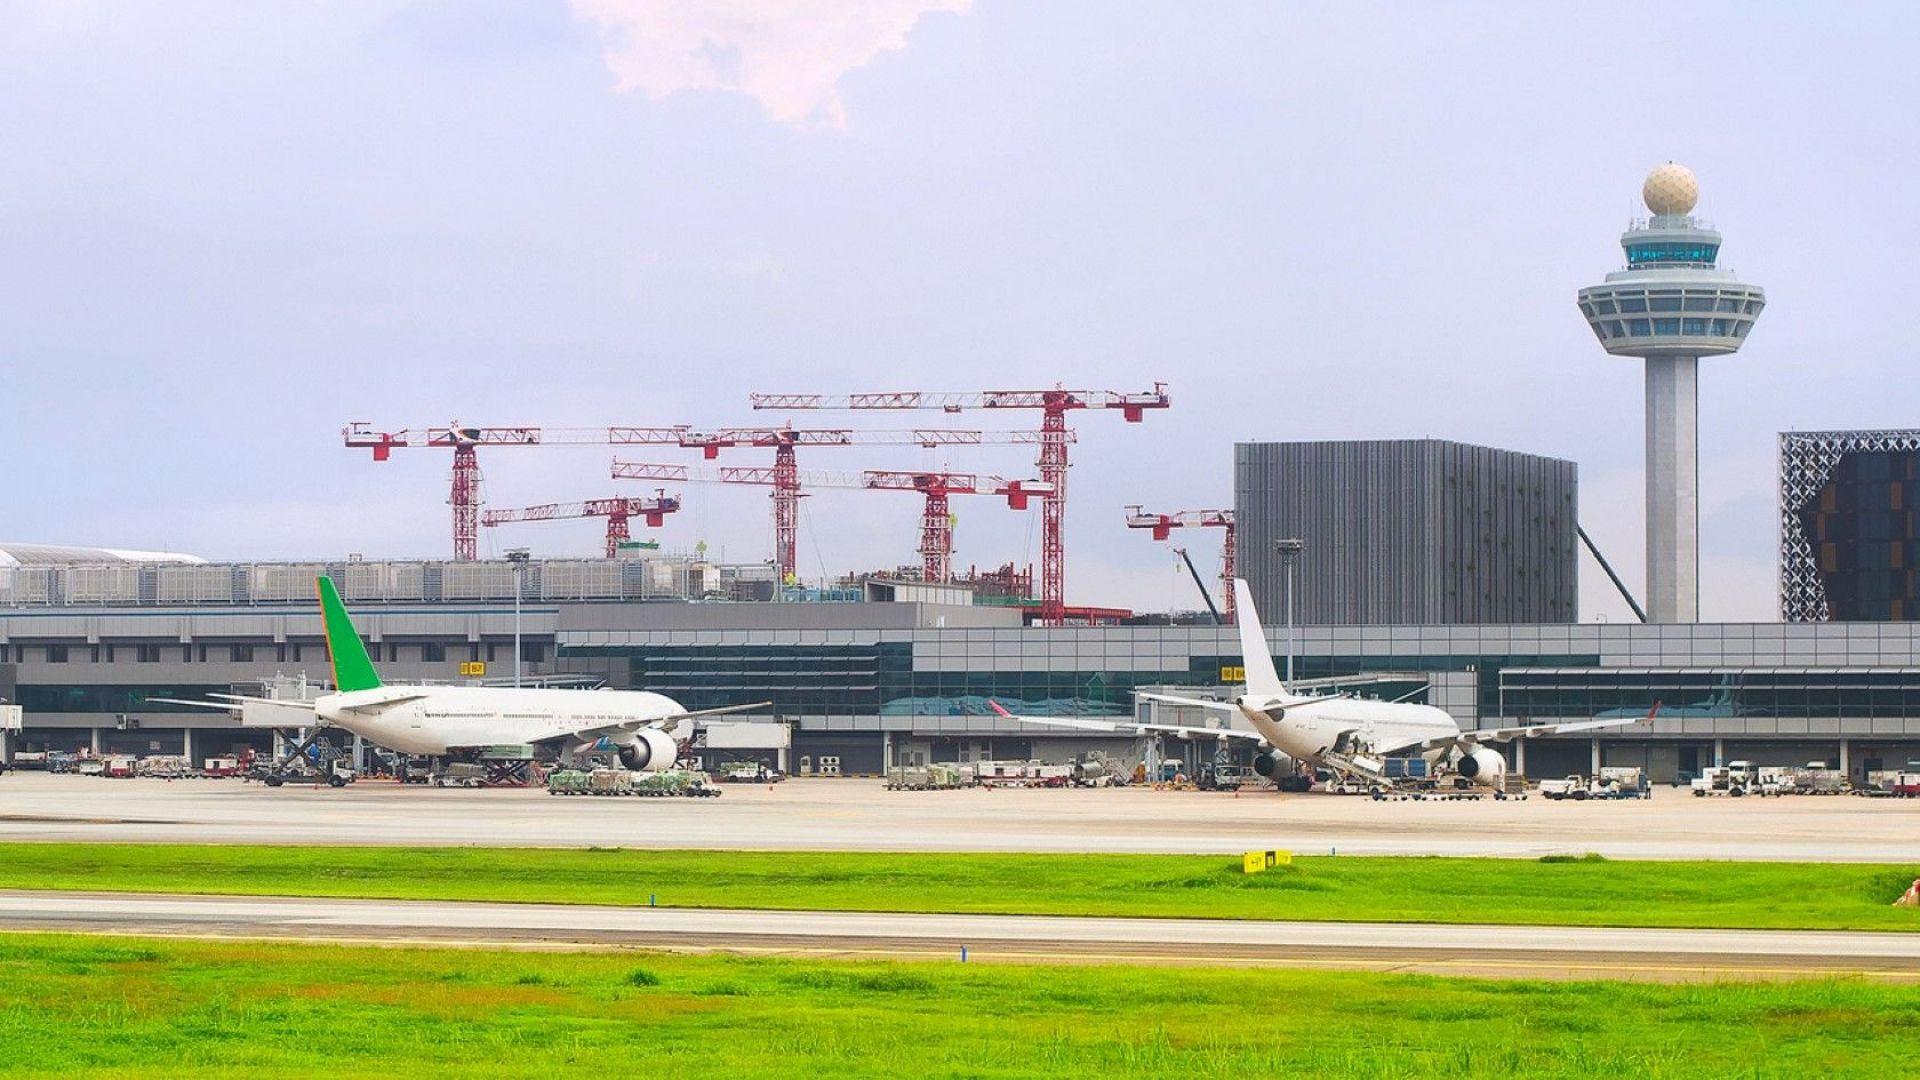 Едната от двете писти на основното летище на Сингапур бе